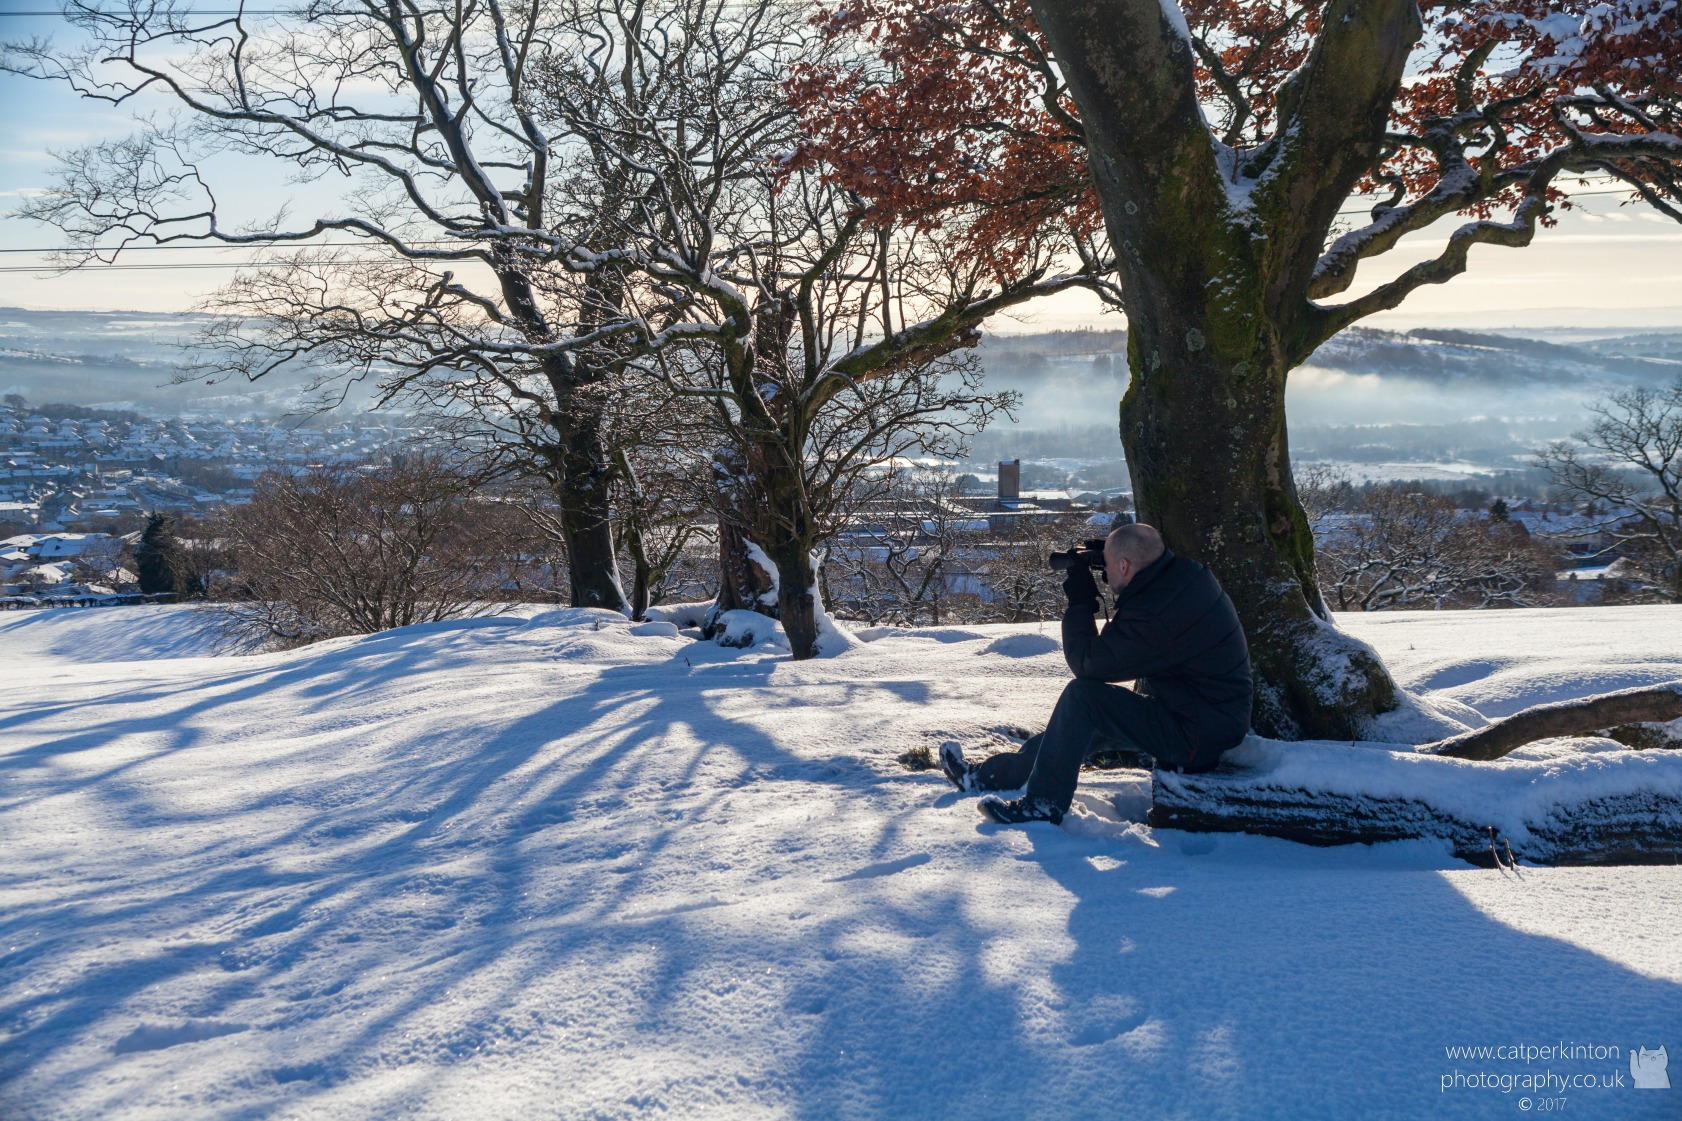 Gelfling in the snow